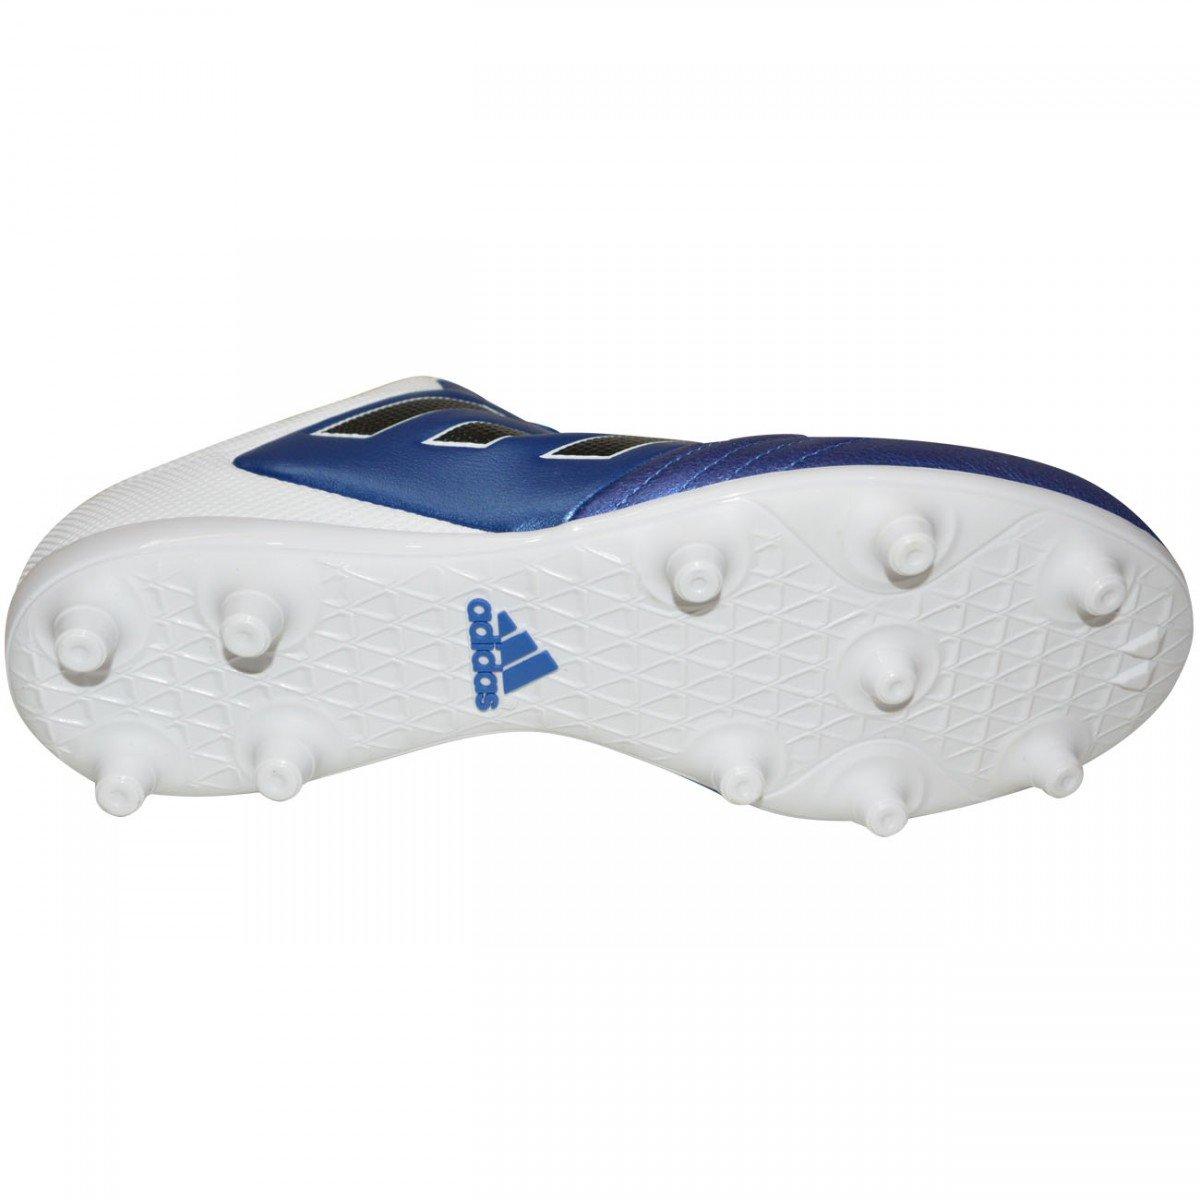 ... Chuteira Chuteira Adidas Adidas Copa Azul e Chuteira e Branco Copa  Adidas Copa Azul Branco Azul 4b99be8cb8f4f